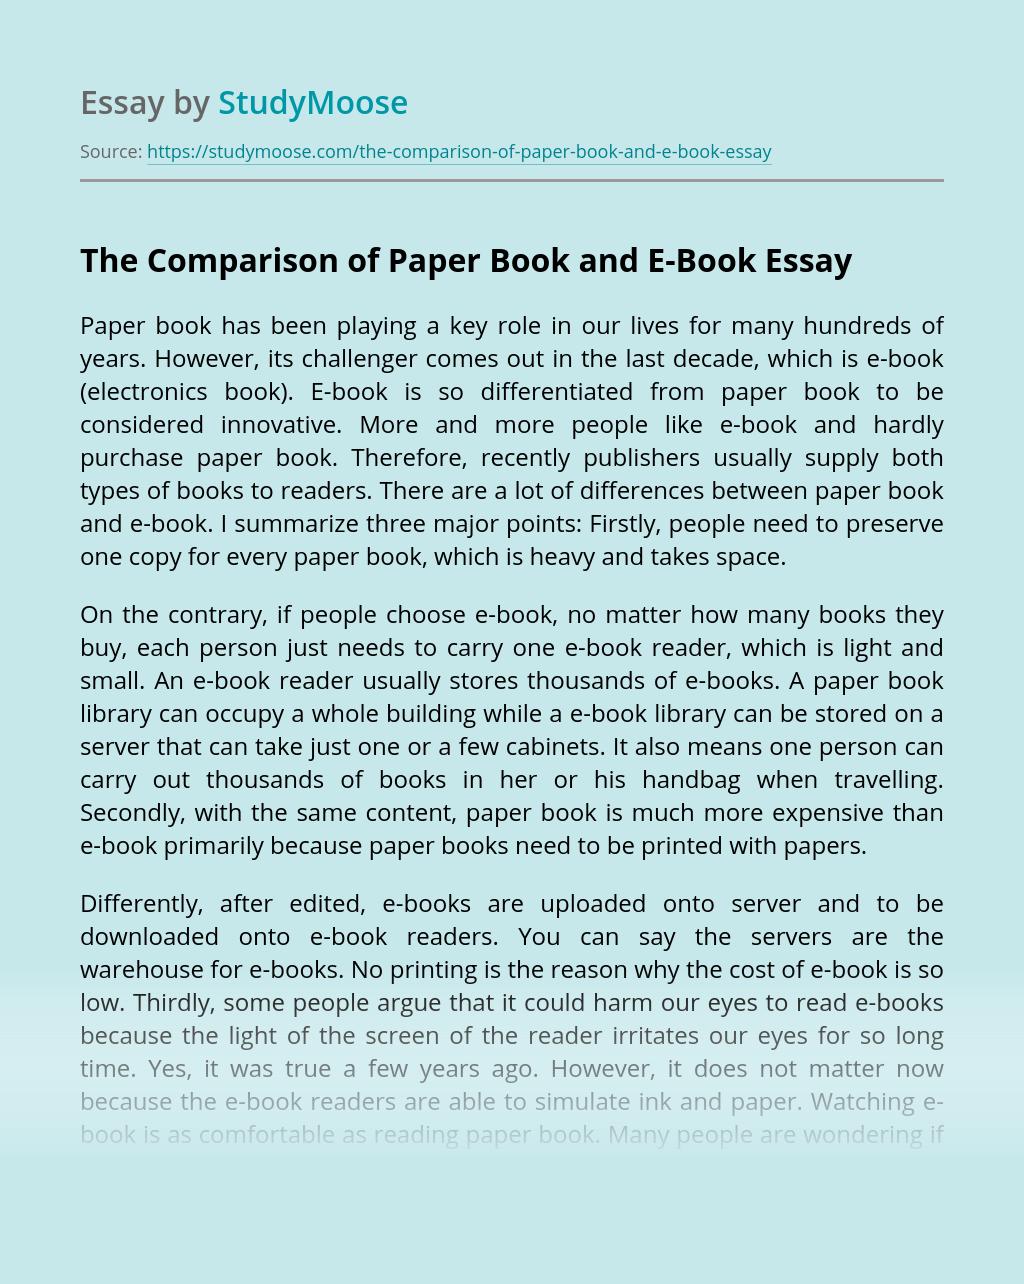 The Comparison of Paper Book and E-Book